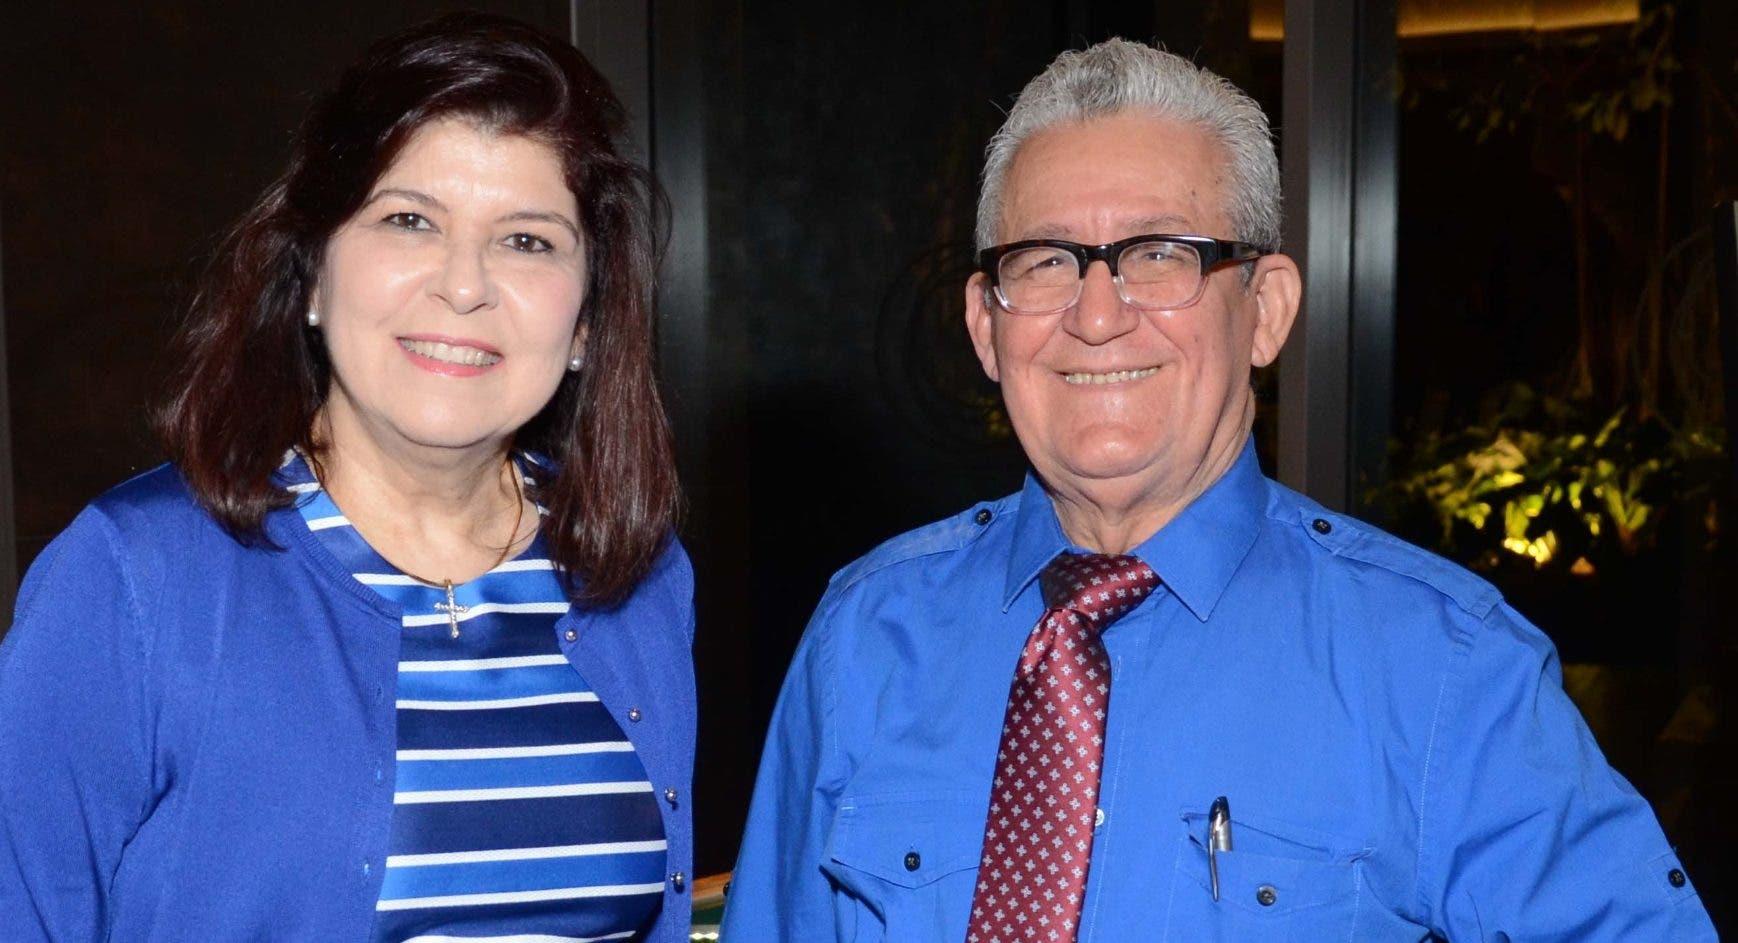 María del Pilar Rodríguez de Messina y Reginald García Muñoz